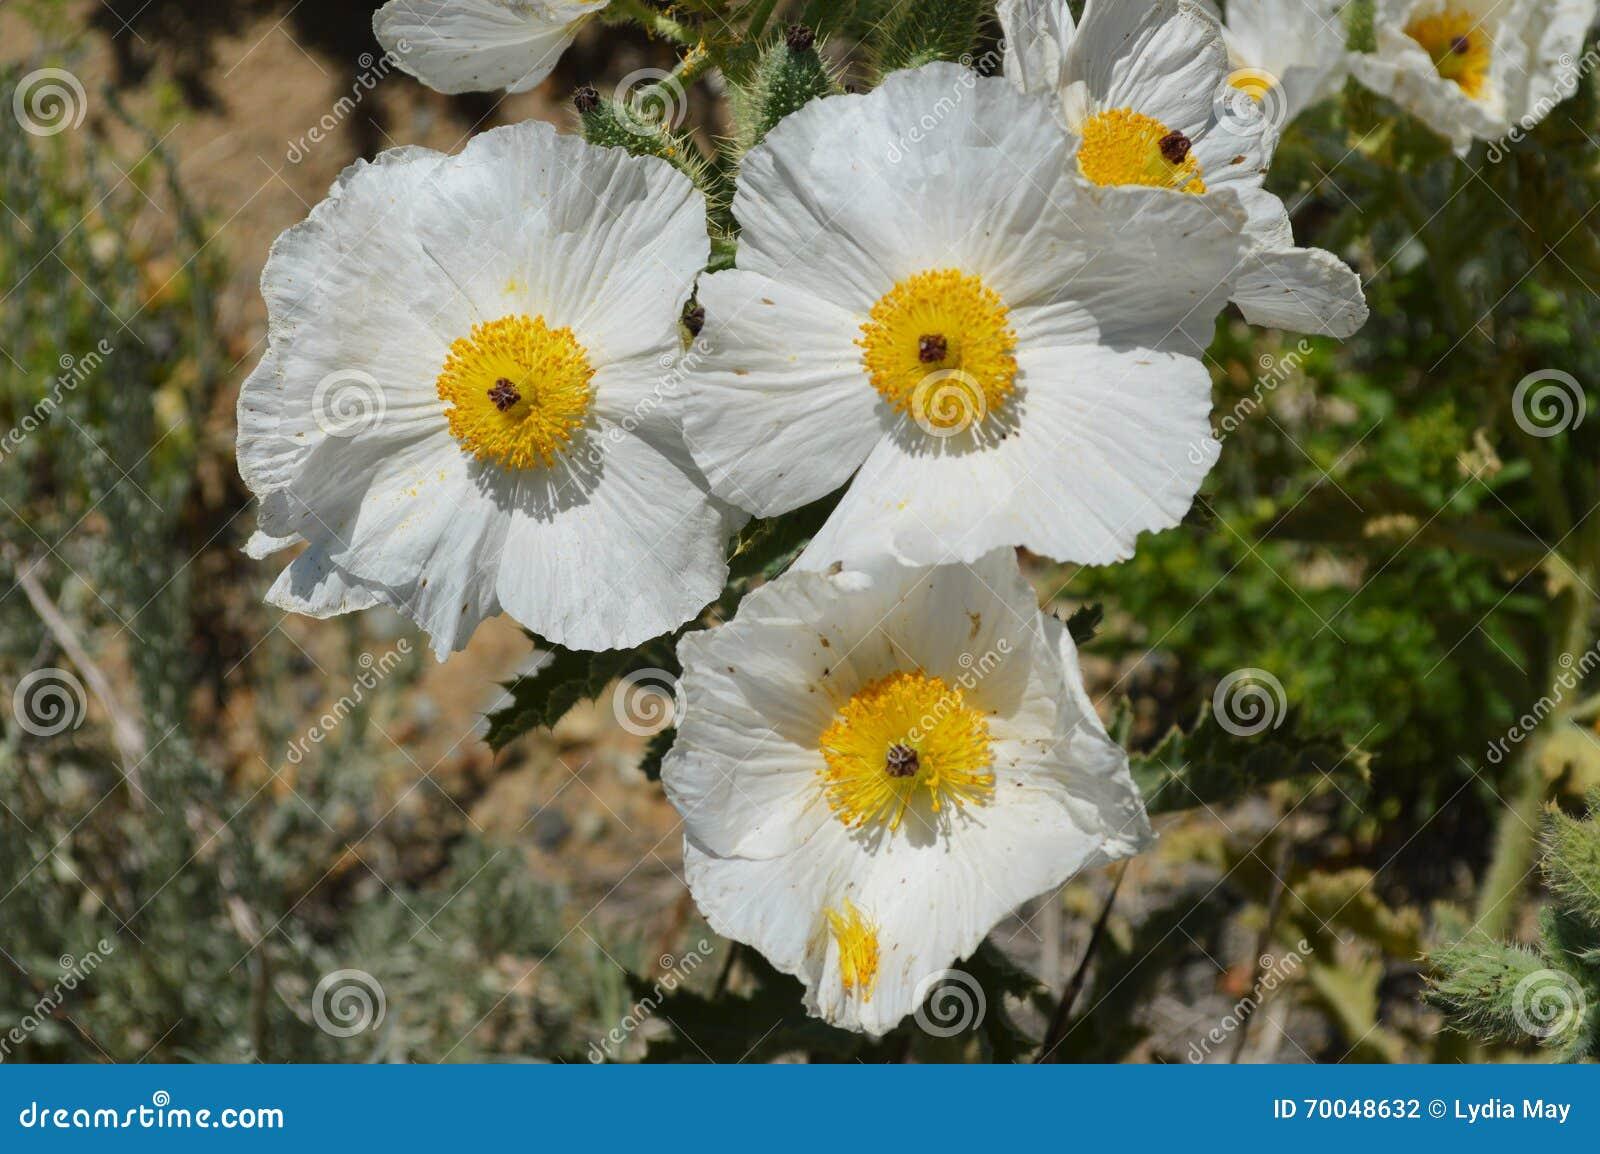 Desert Flowers Prickly Poppy Stock Photo Image Of Black White